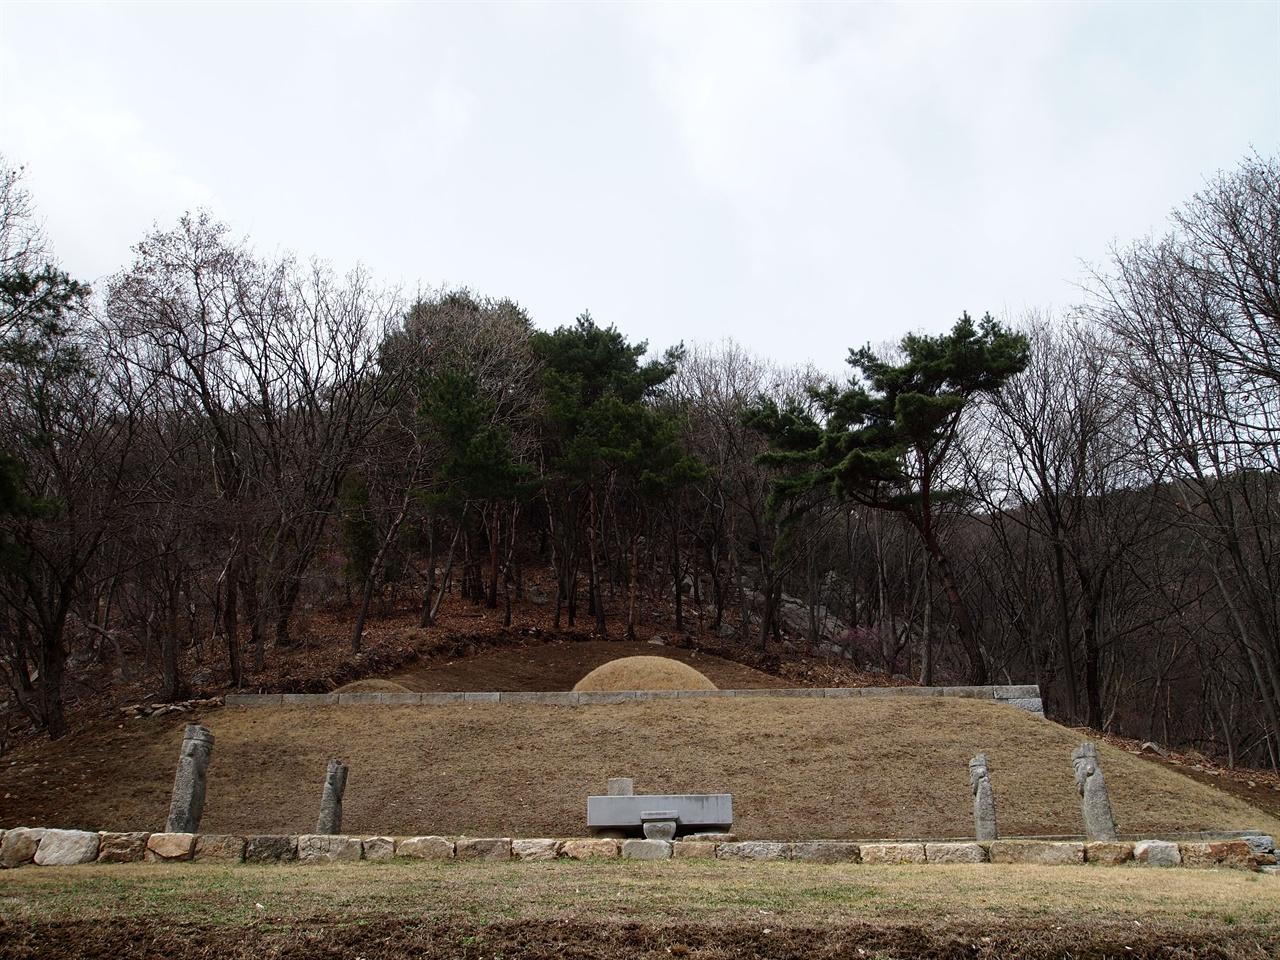 강화 홍릉 전면에서 바라본 홍릉의 모습, 1단에 봉분이 있고, 2단에 석인상 2쌍과 상석과 향로석이 설치되었다.